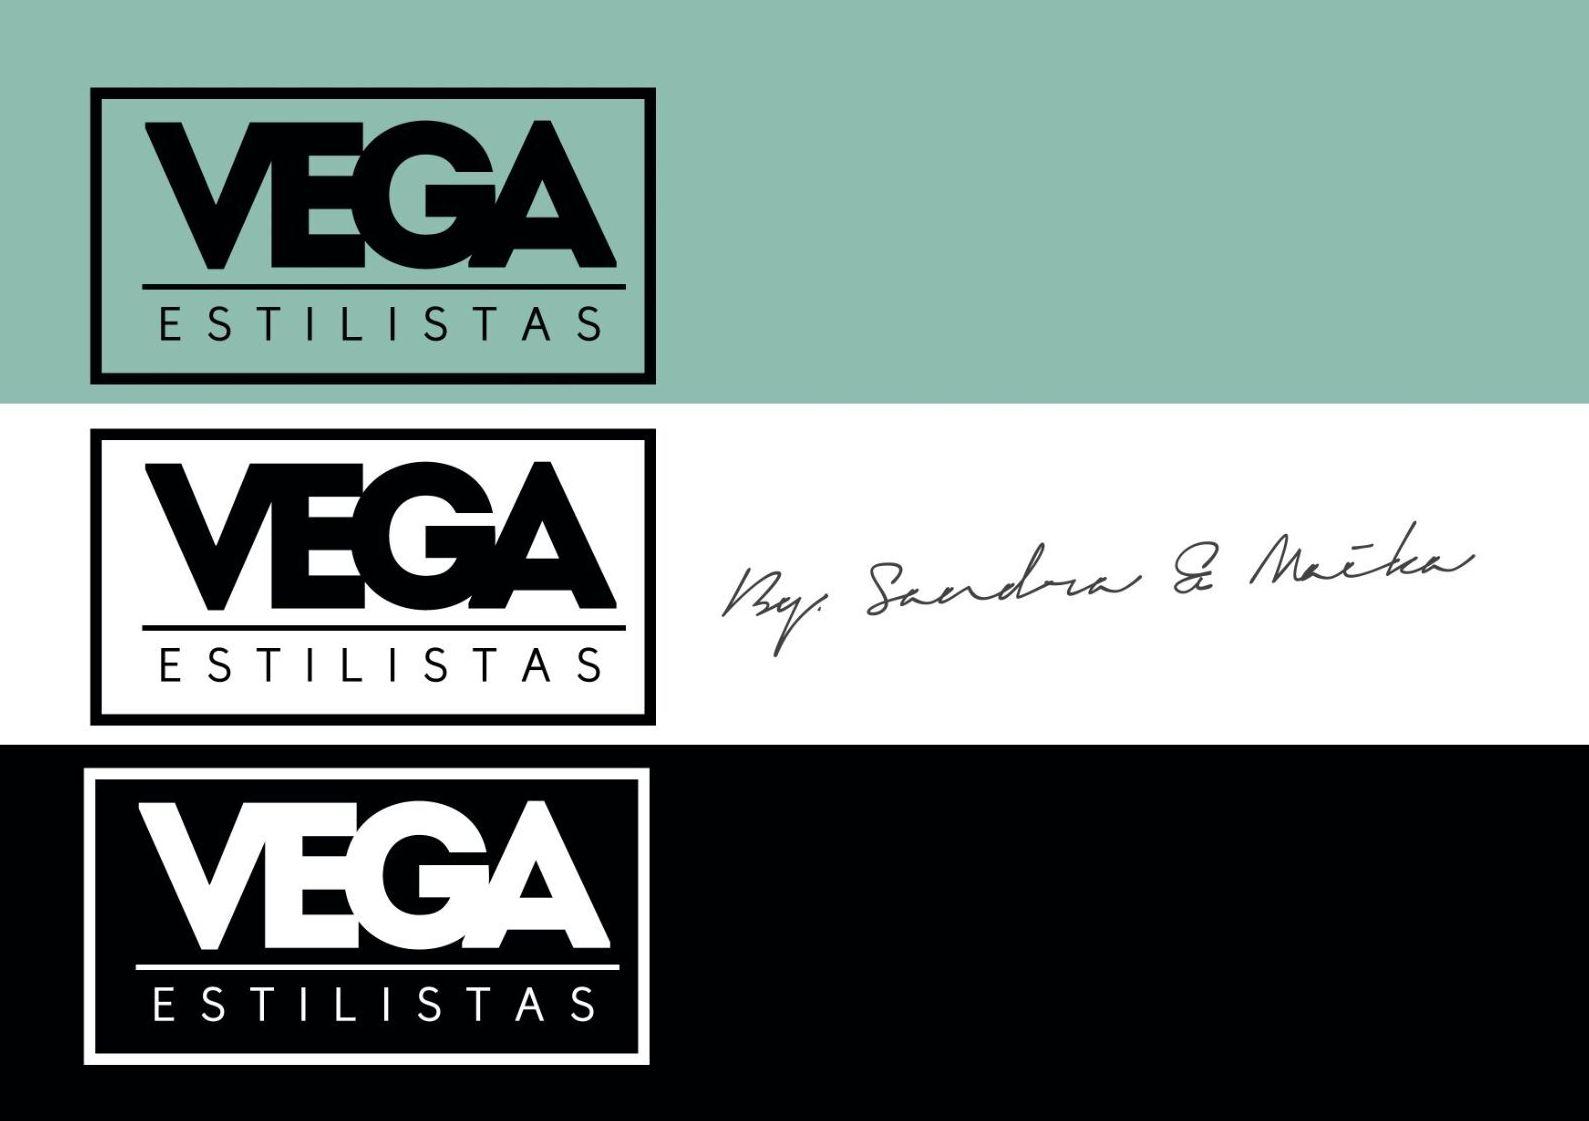 Mechas californianas y balayage: Servicios de Vega Estilistas by Sandra y Maika